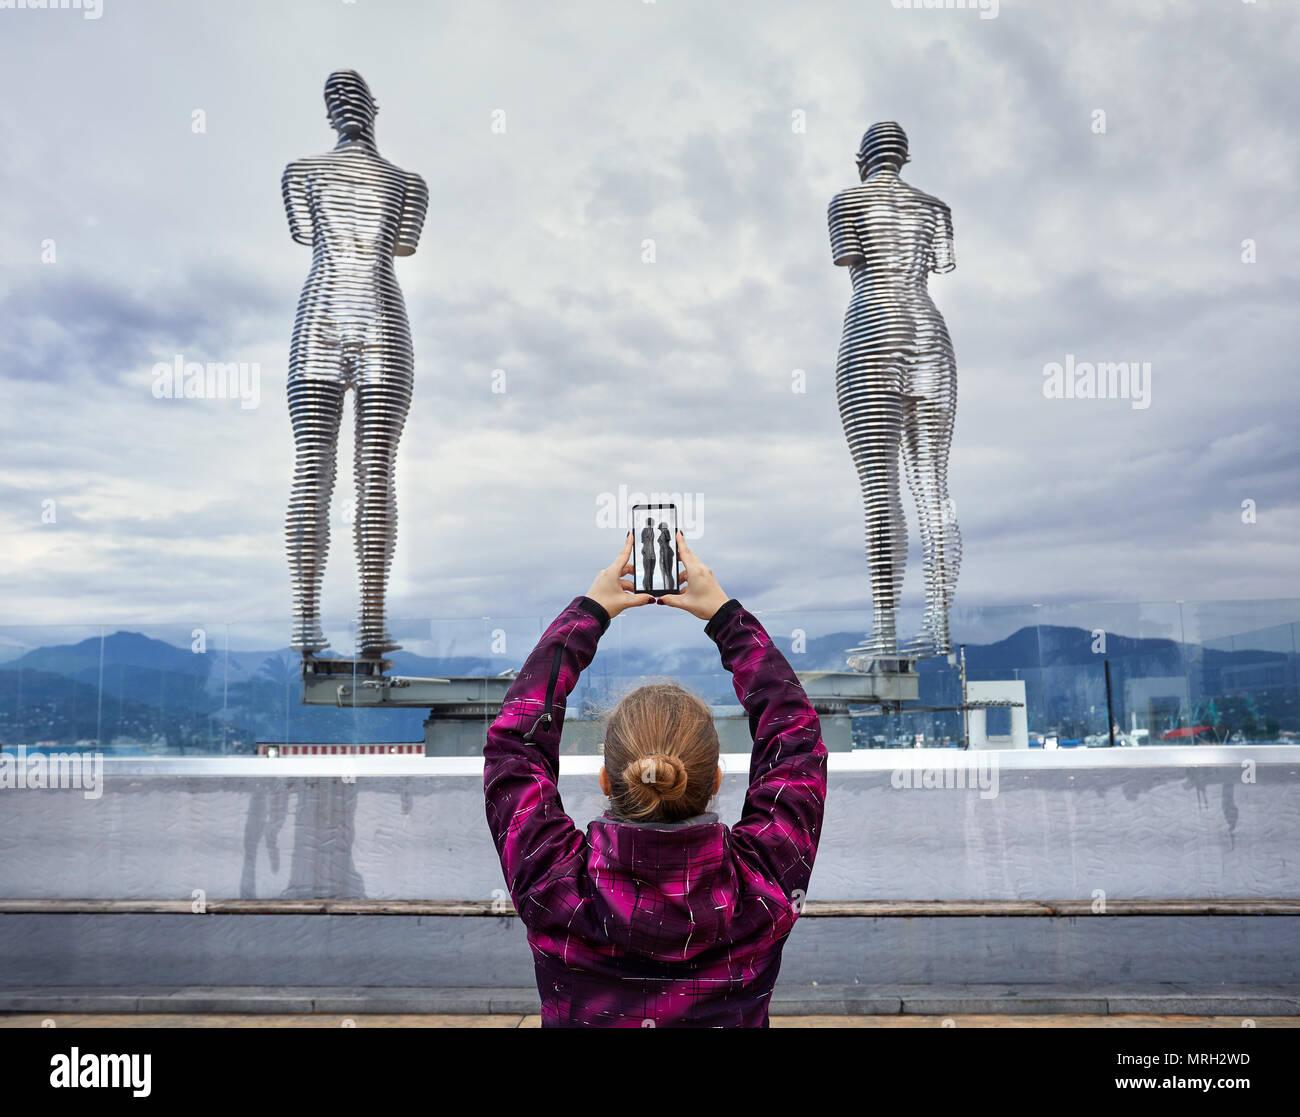 Touristische Frau heften Bild von Statuen Ali und Nino mit Smartphone in Batumi, Georgien Stockbild